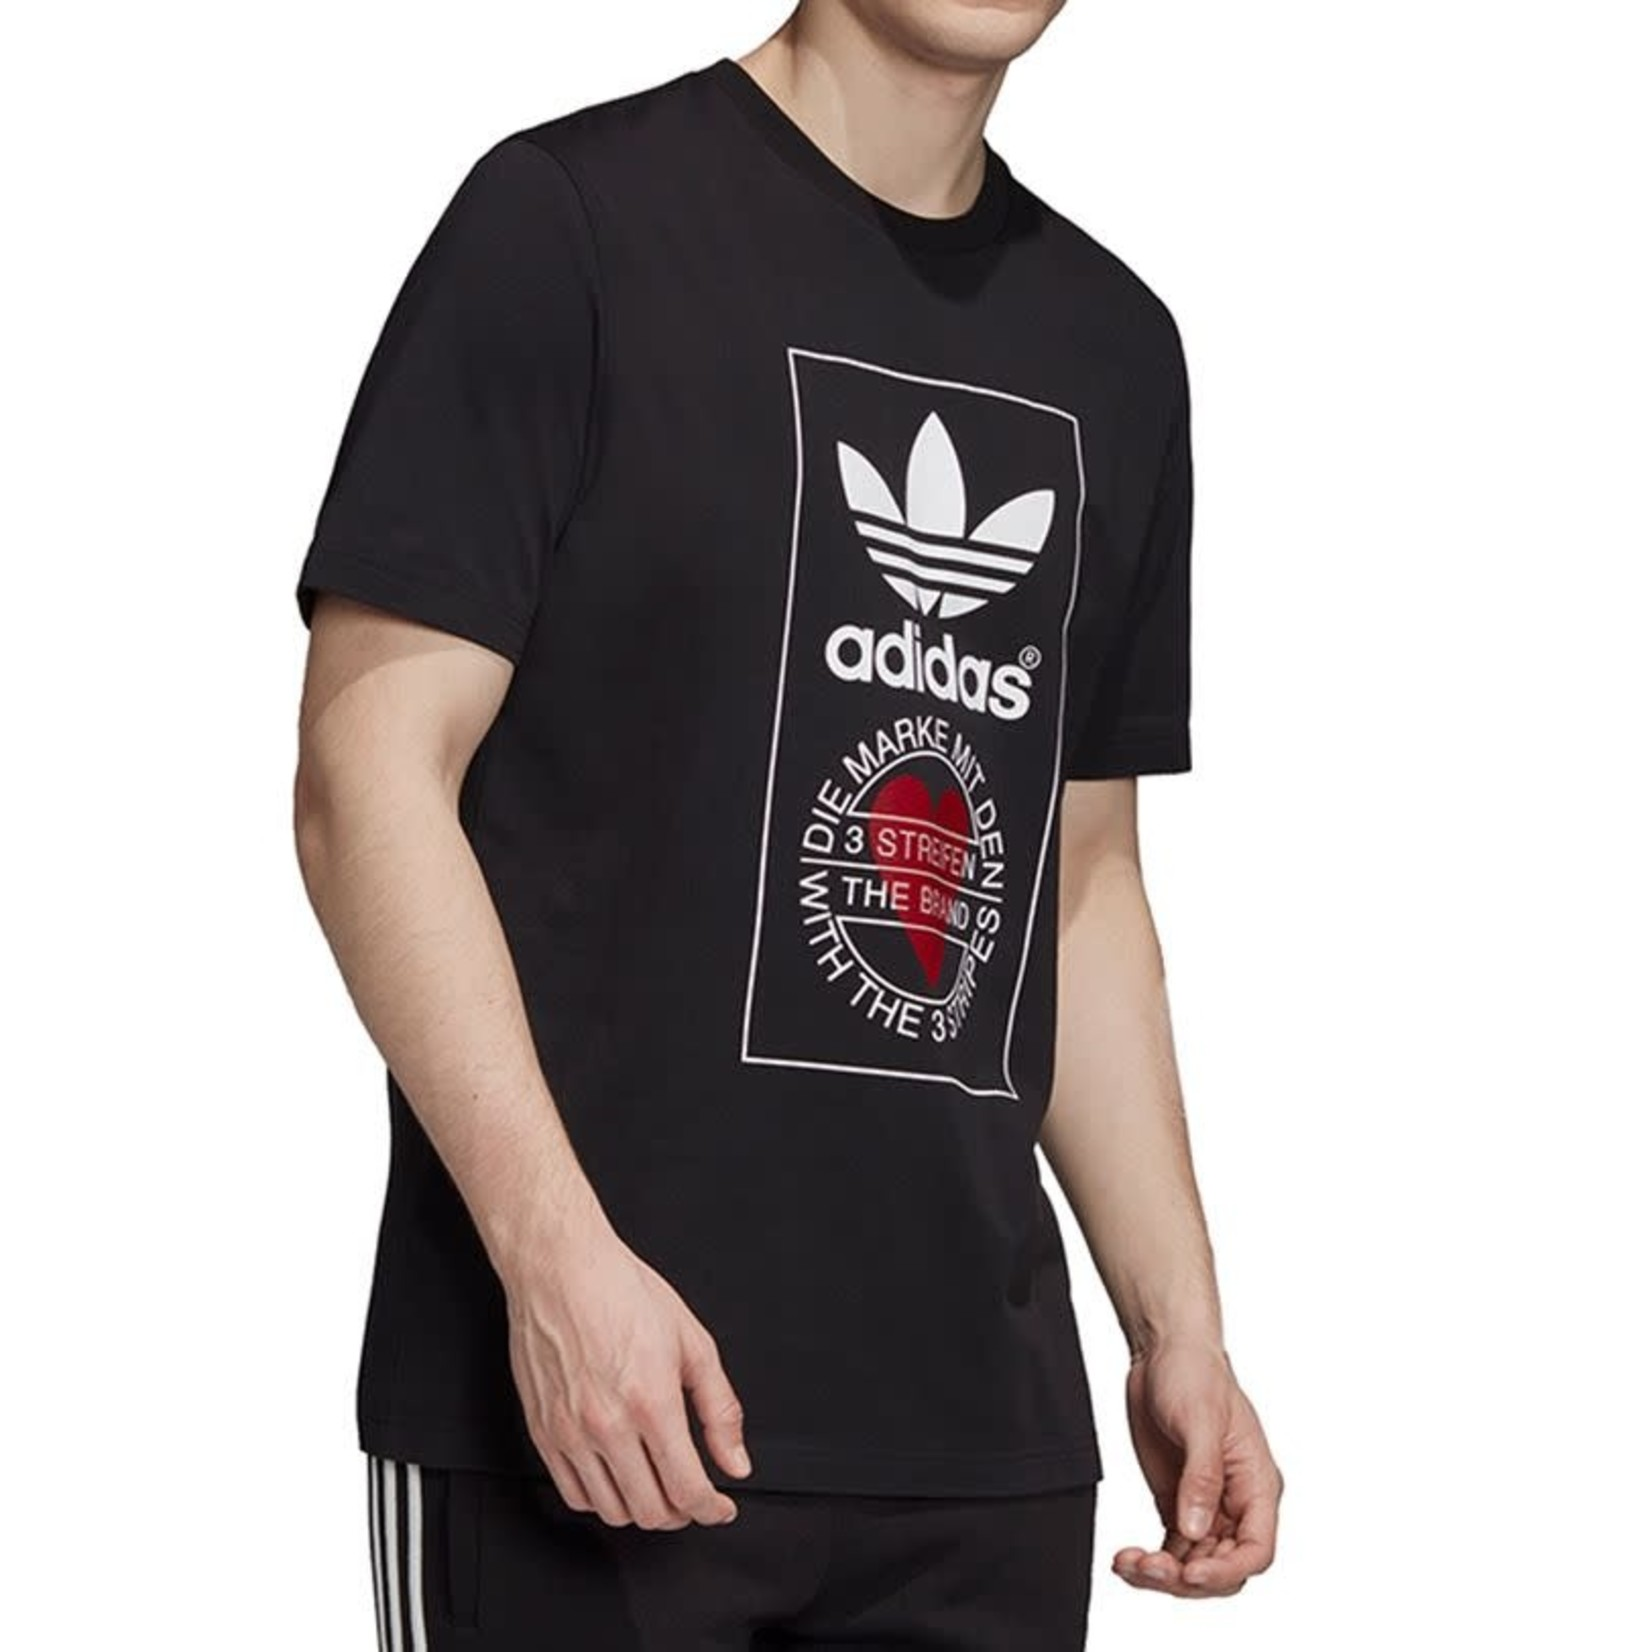 Adidas Adidas : Valentine Short Sleeve Unisex T-Shirt